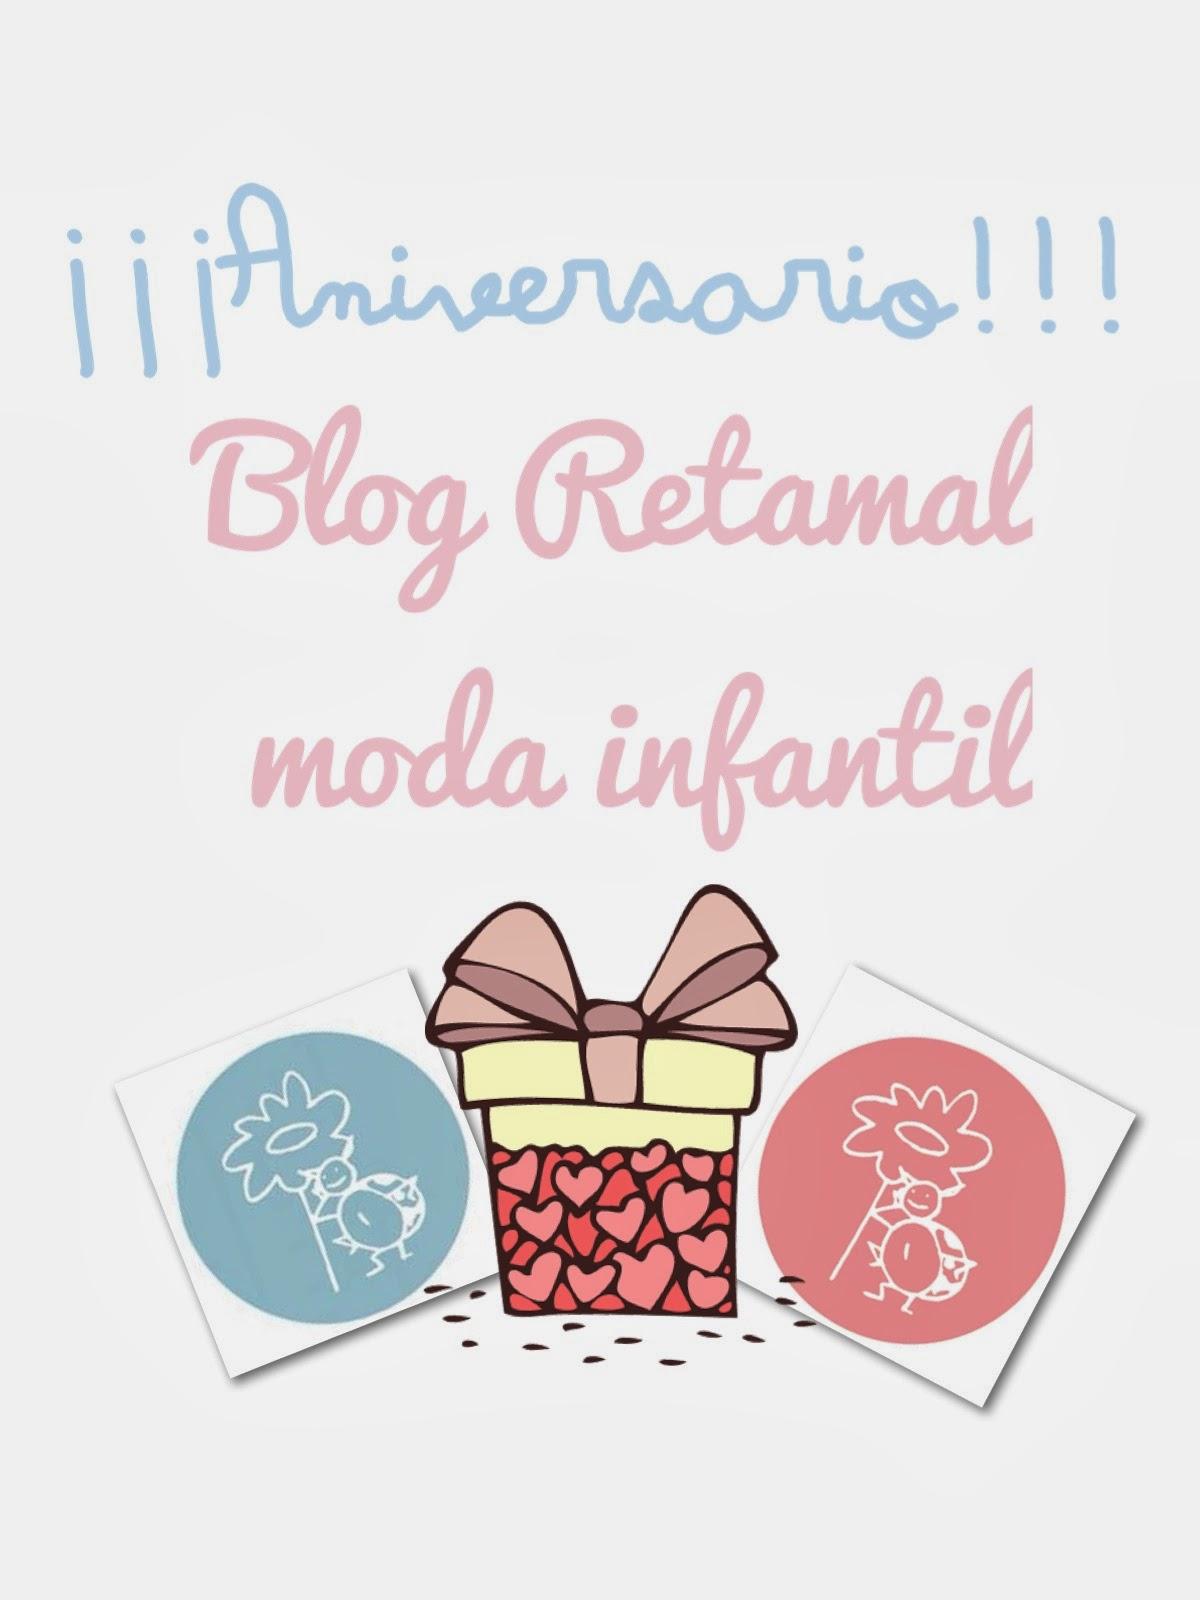 Aniversario Blog Retamal moda infantil y bebe